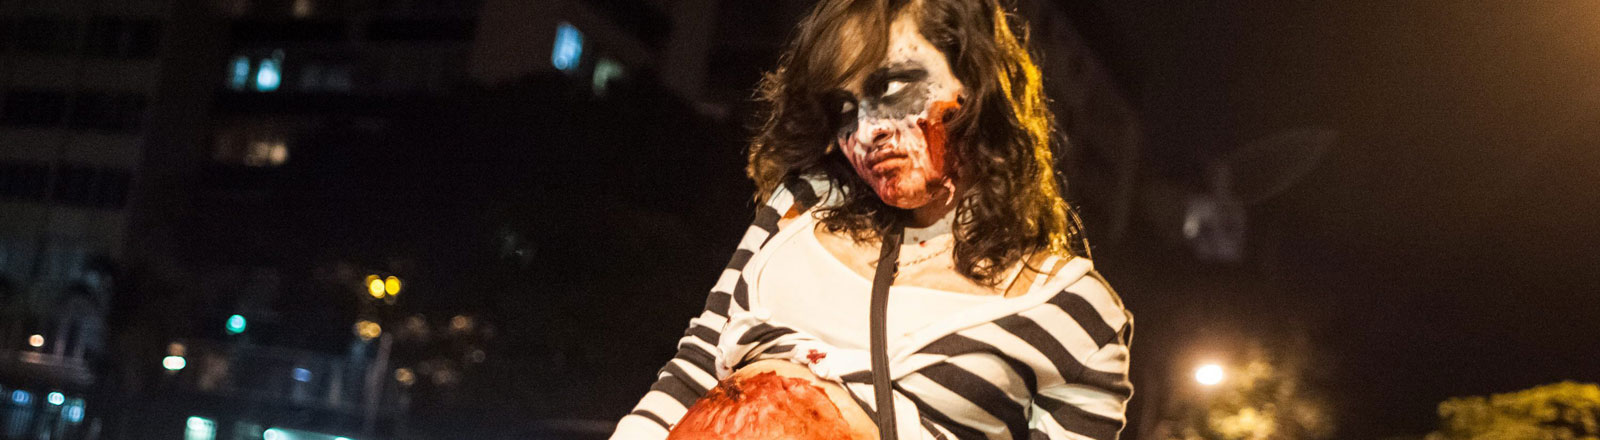 Eine Frau als Zombie verkleidet.